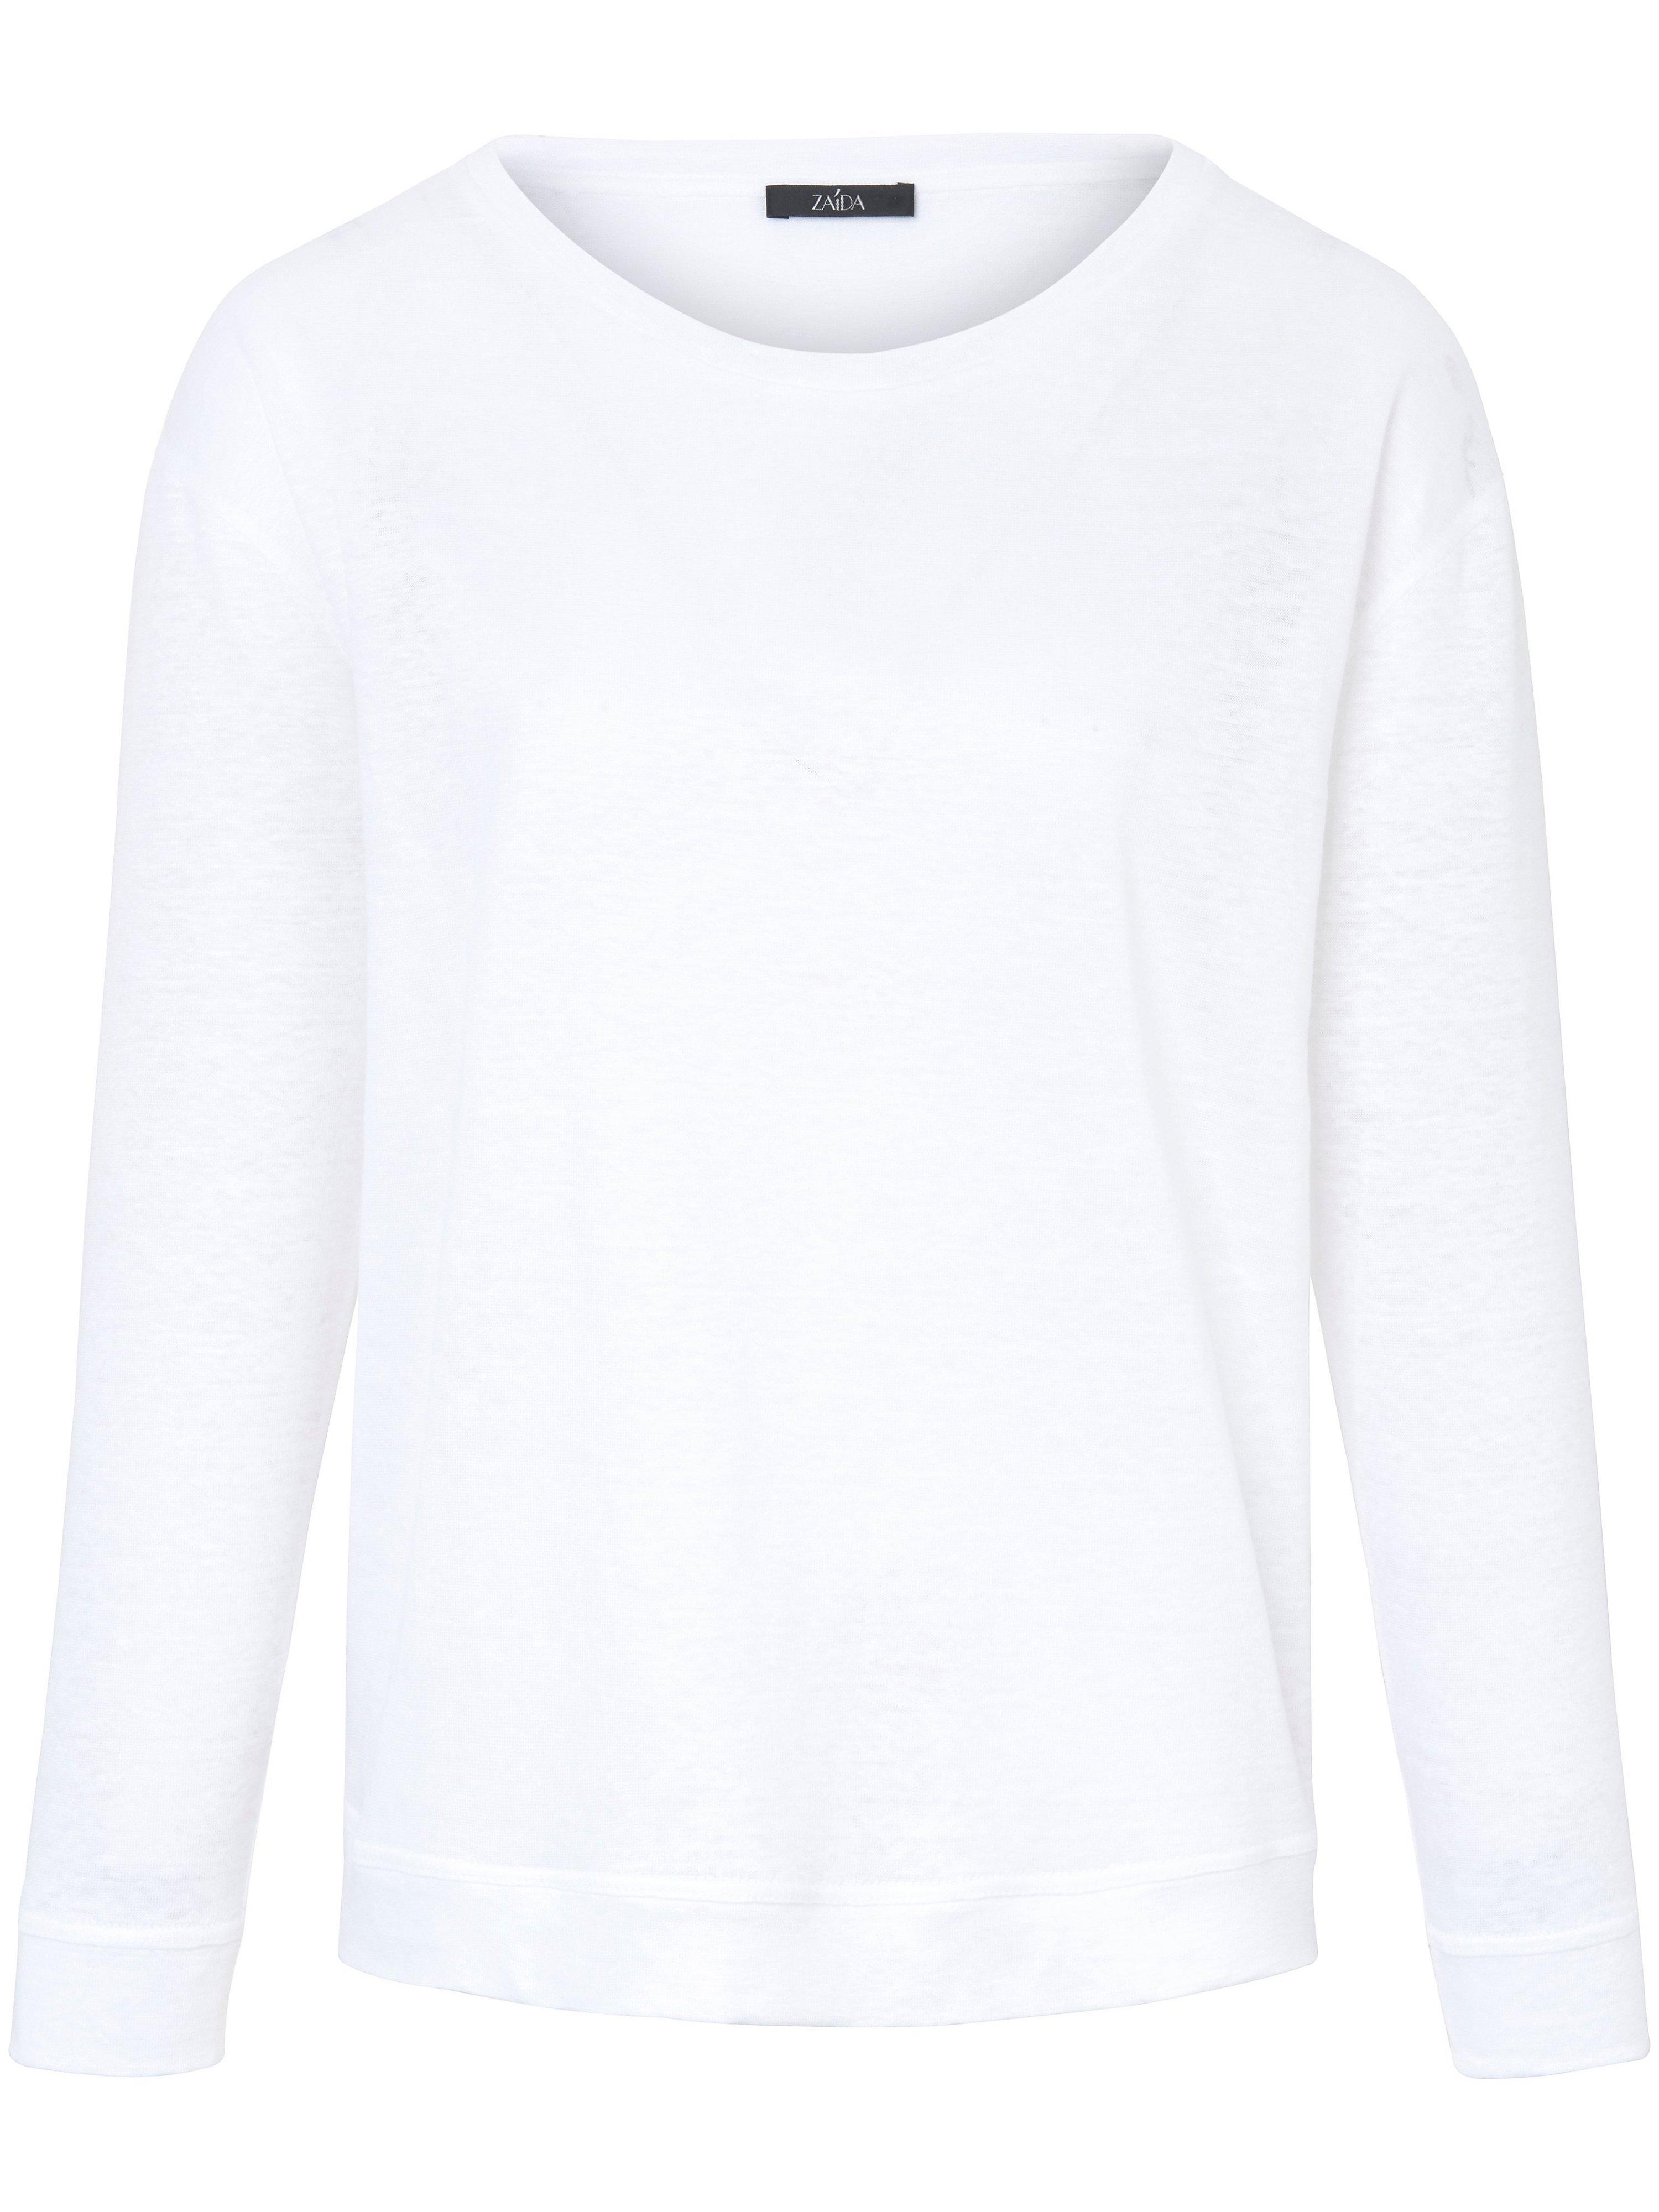 Le T-shirt 100% lin  ZAIDA blanc taille 44